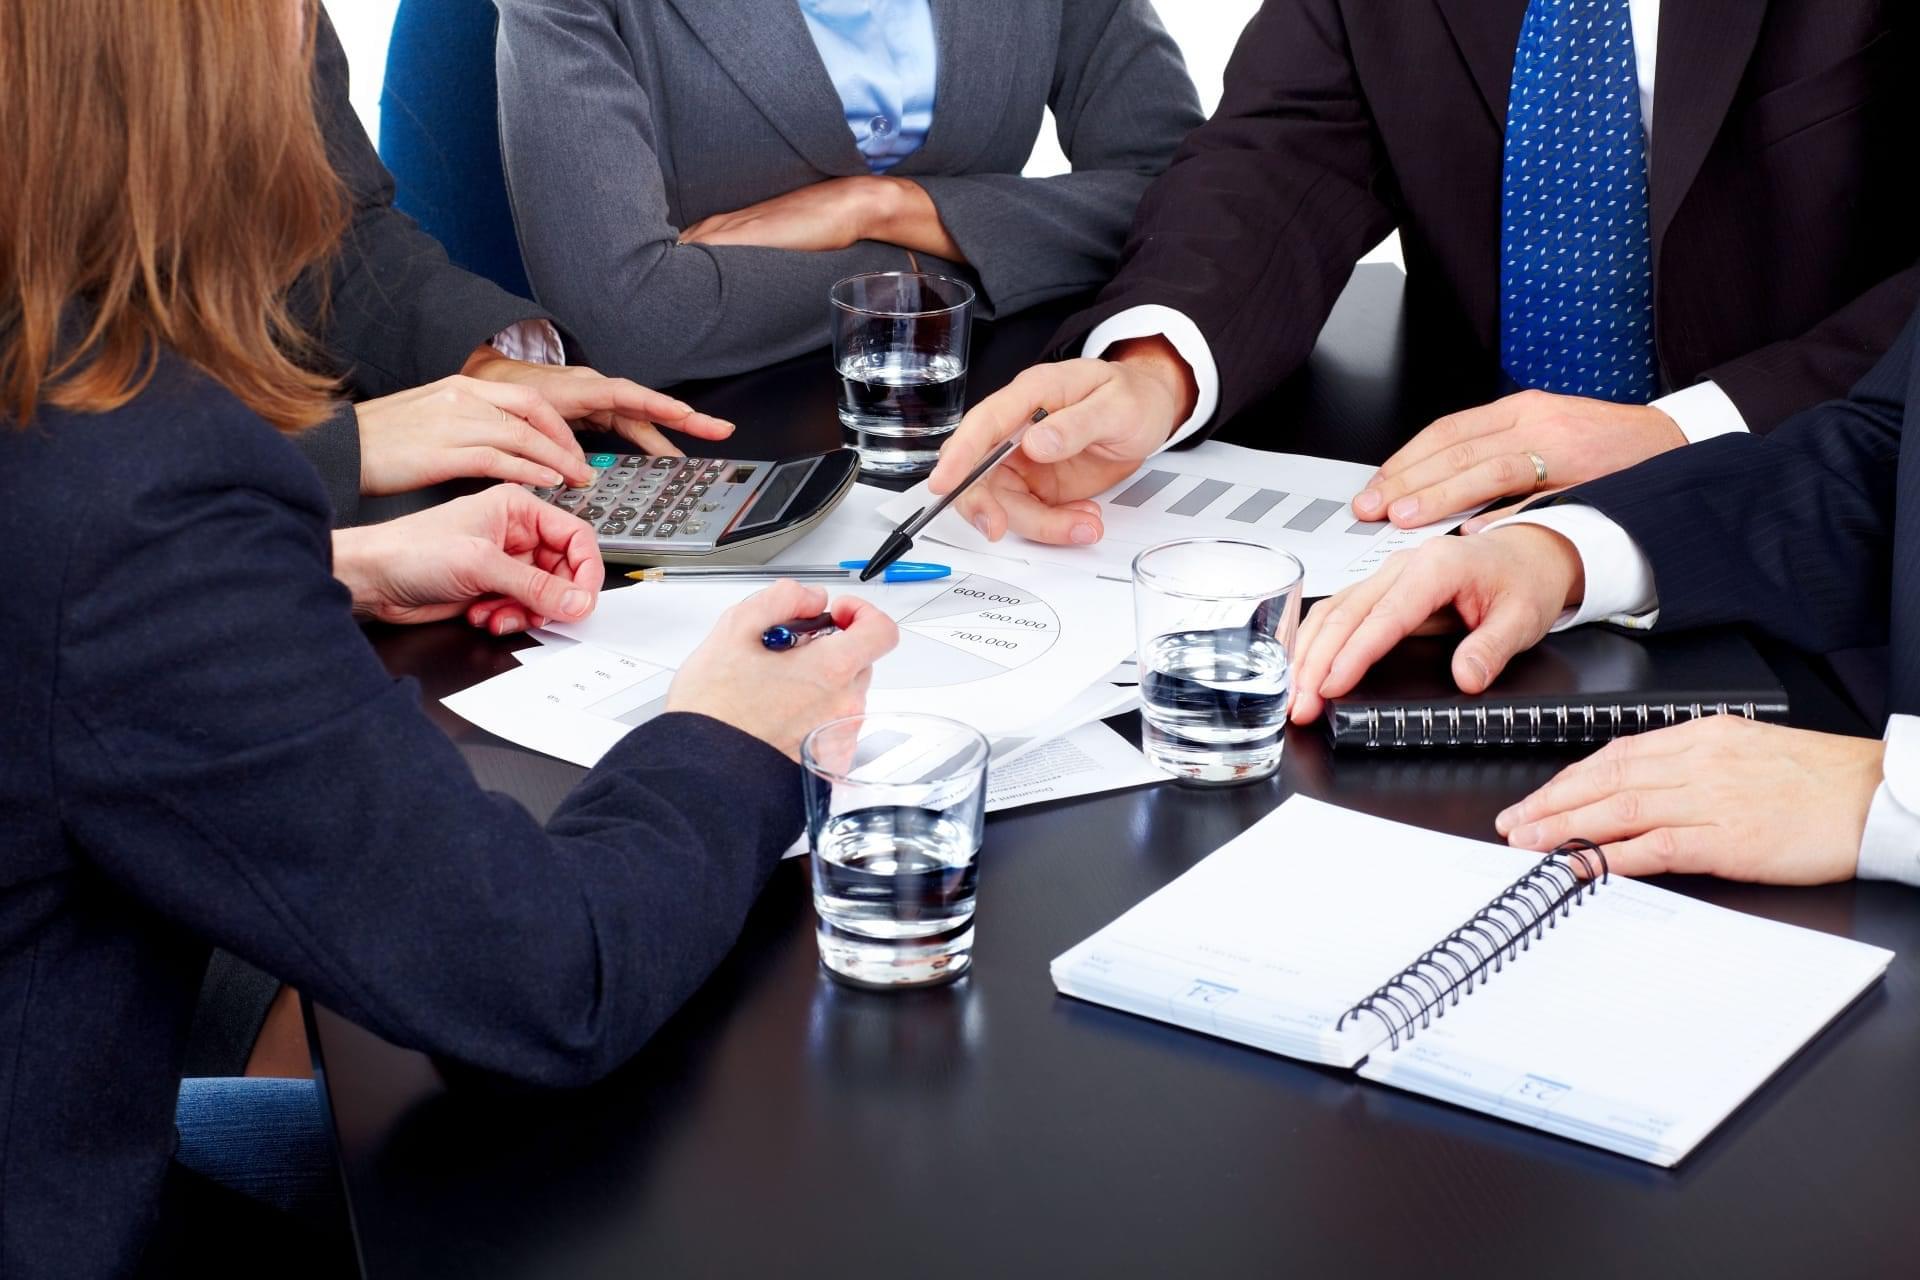 простота форм, картинки о бизнес решении быстро недорого